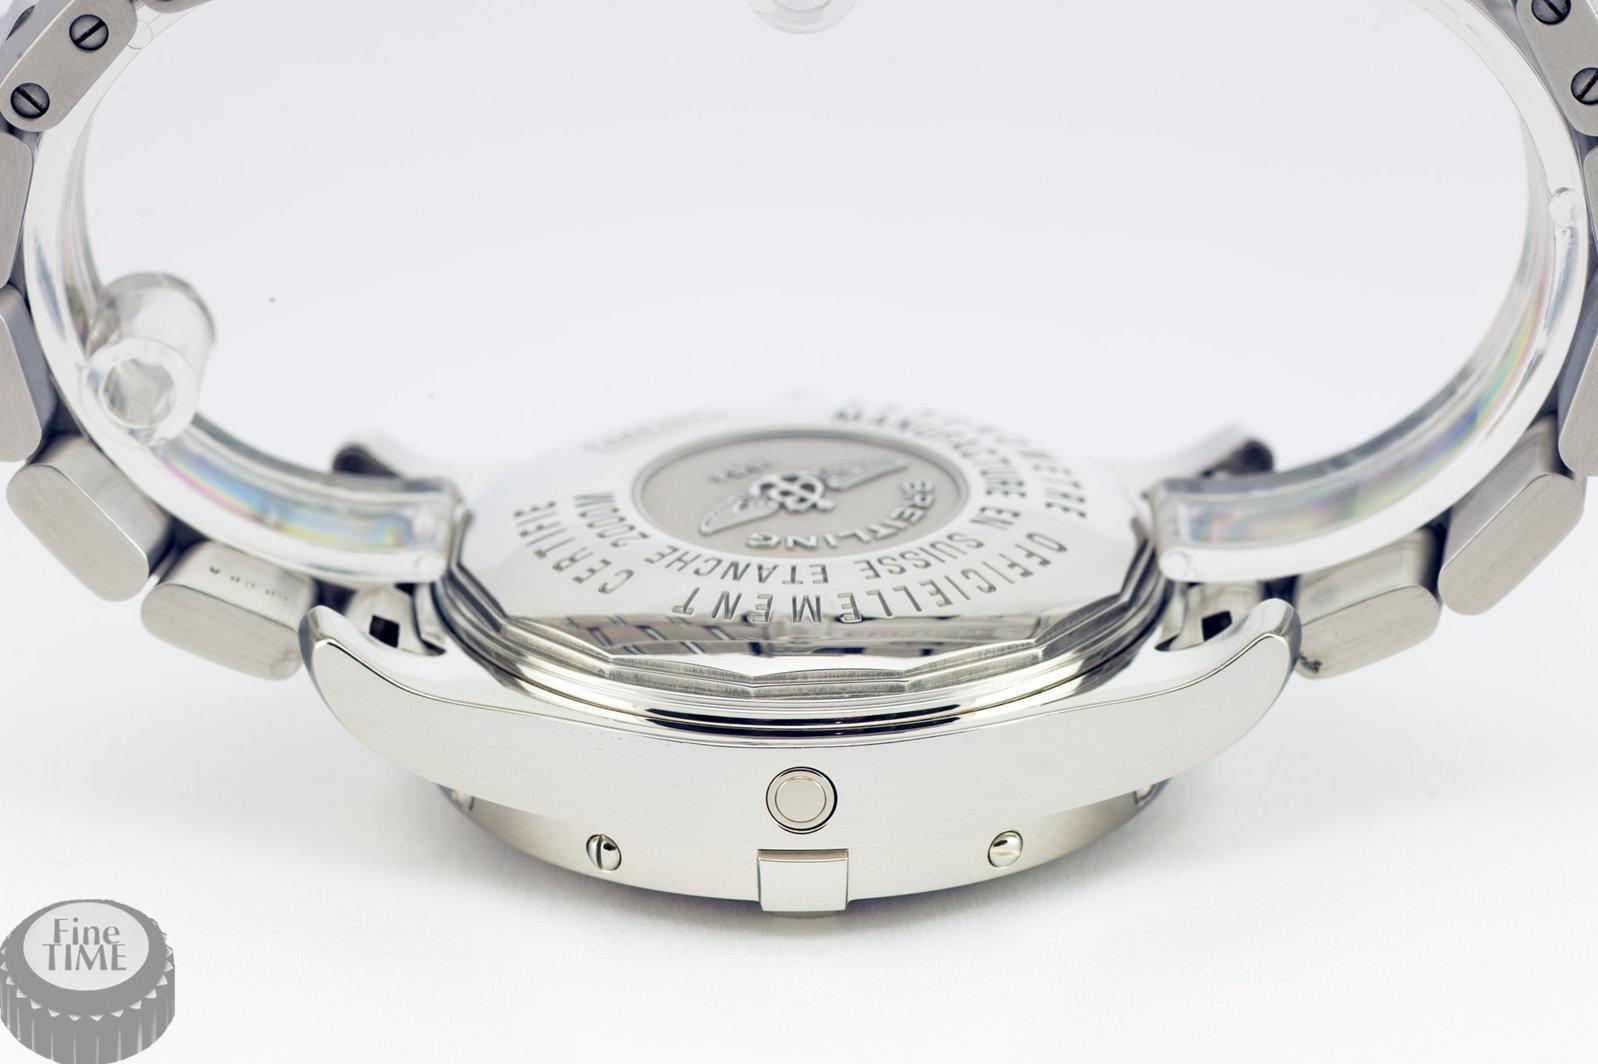 breitling-superocean-steelfish-a17390-04.jpg